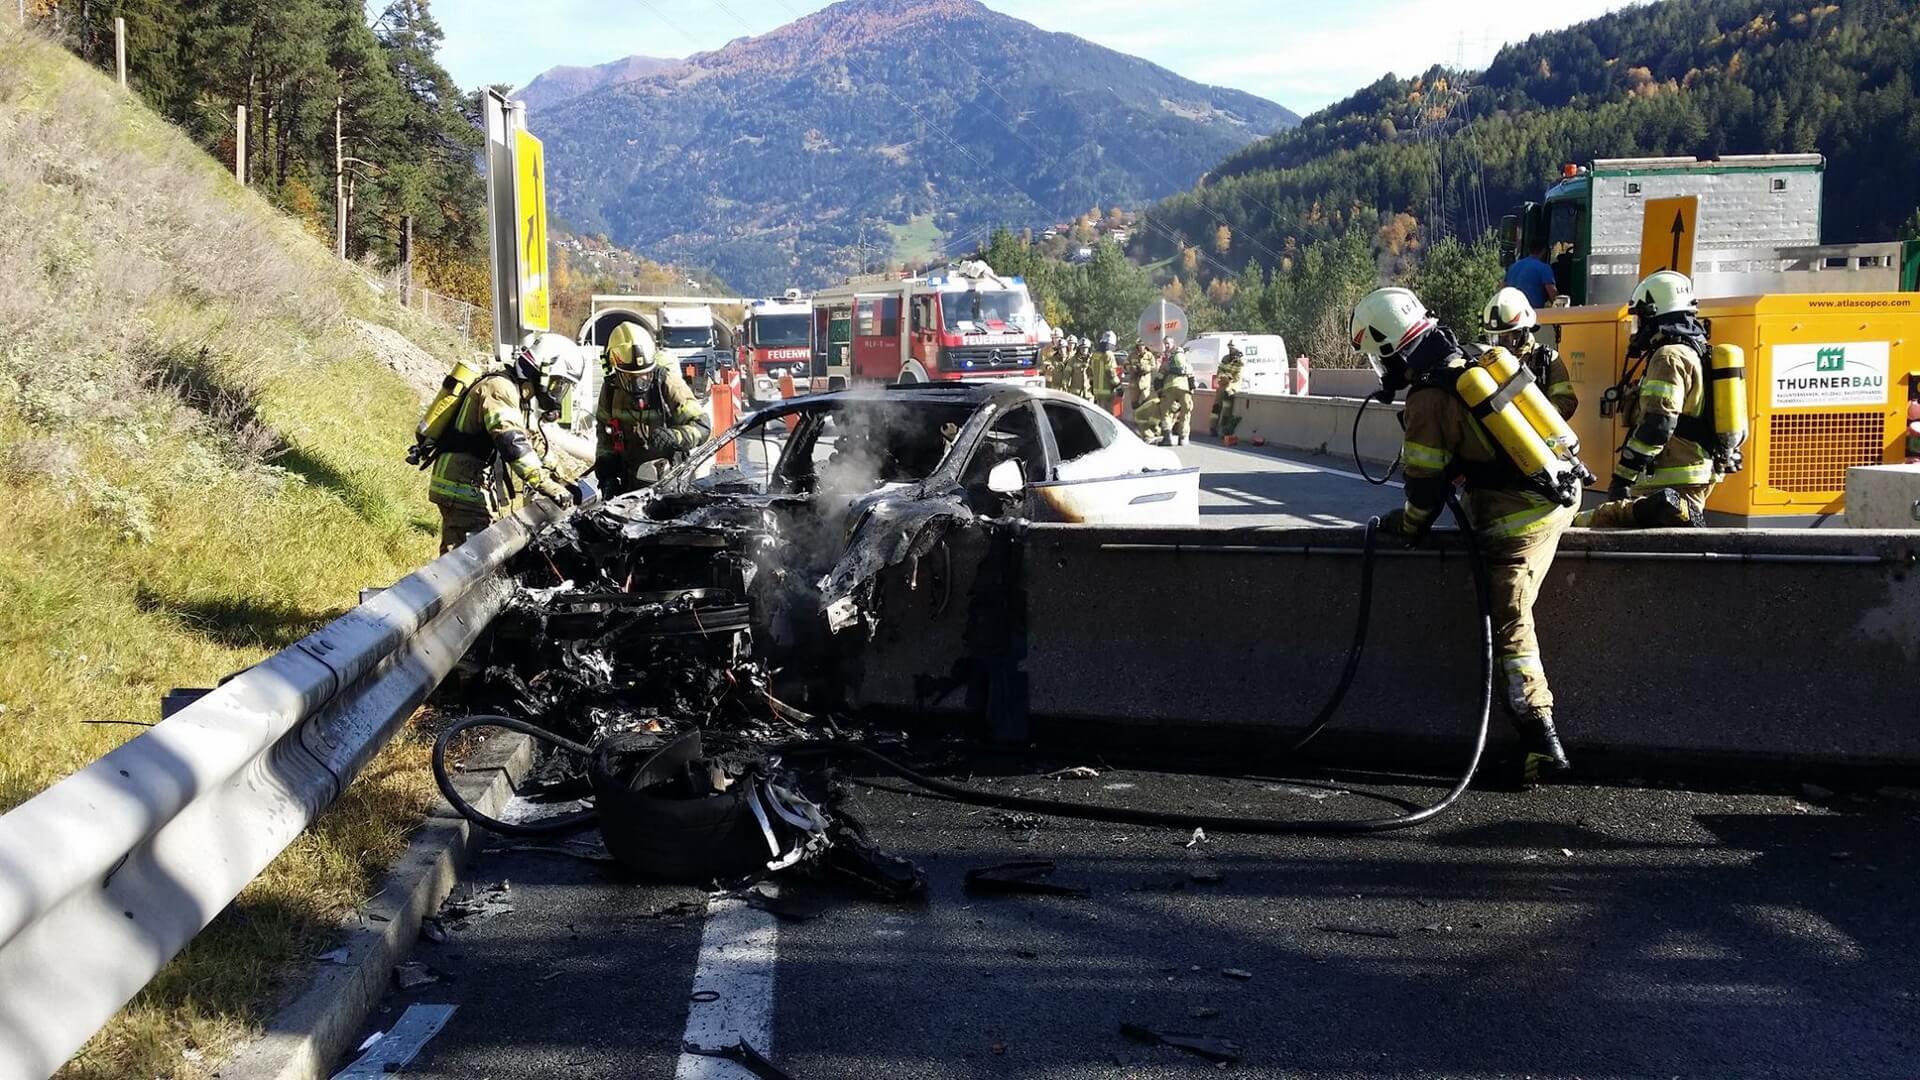 Сгоревший электромобиль Tesla Model S, который врезался в бетонный строительный барьер в Австрии